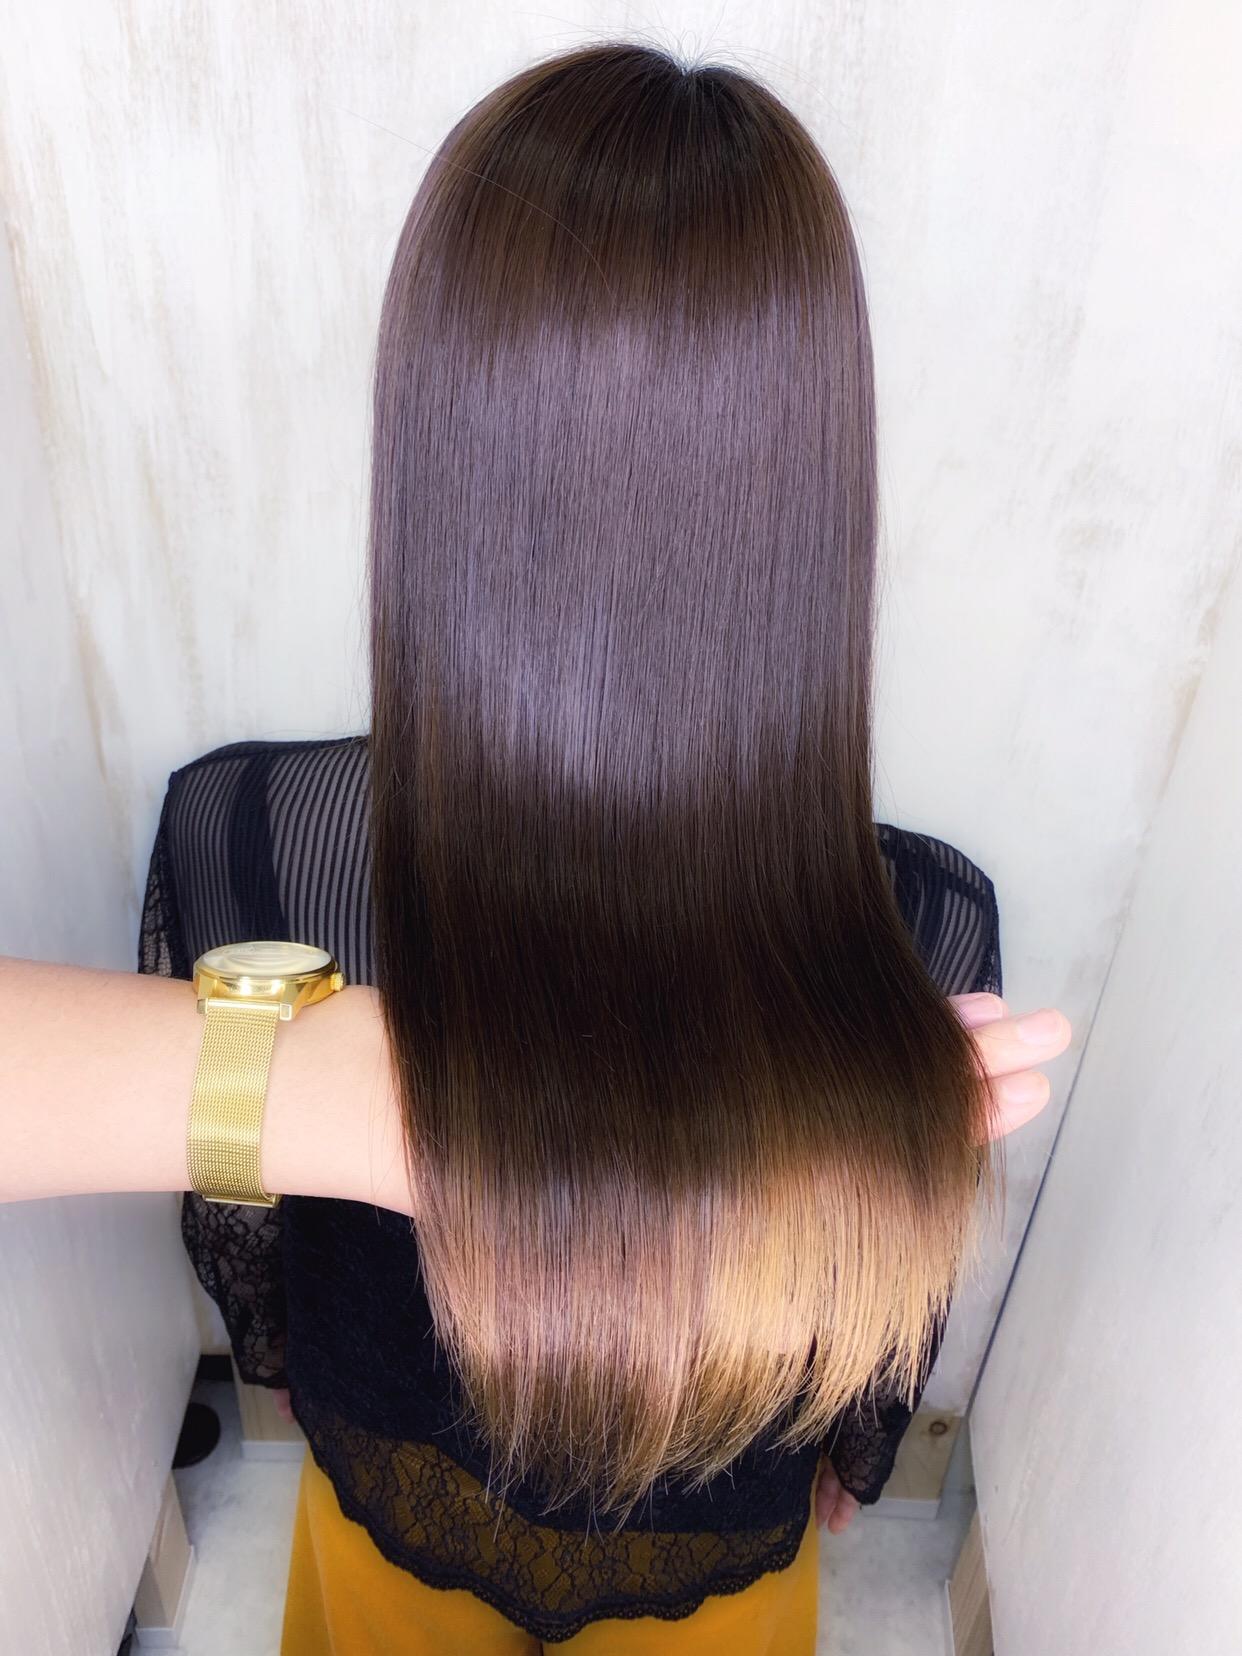 新・ジュエリーシステムでよりつやっつやの艶髪に。原宿・表参道『1000人をツヤ髪にヘアケア美容師の挑戦』